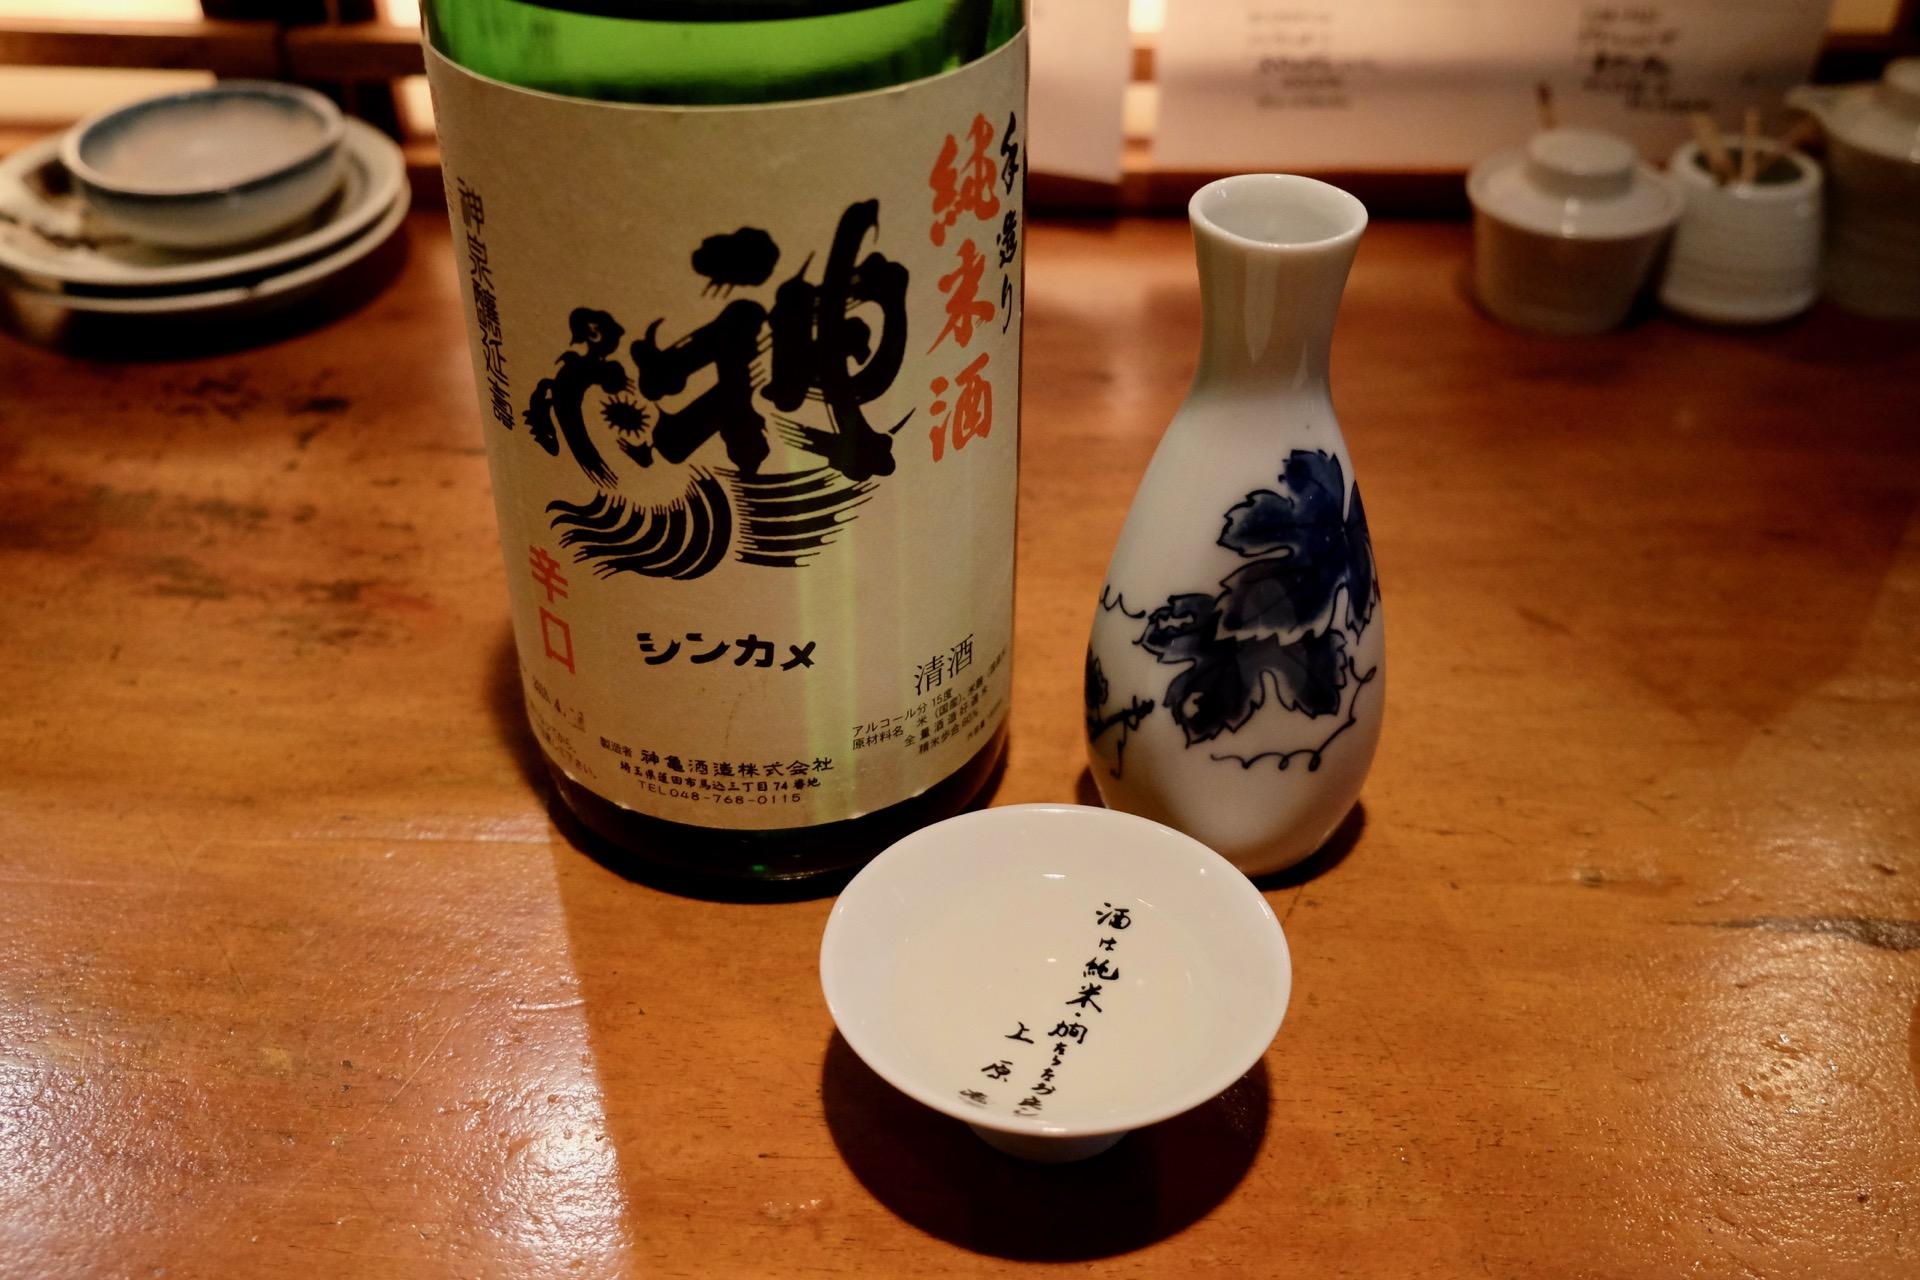 純米酒 神亀|日本酒テイスティングノート